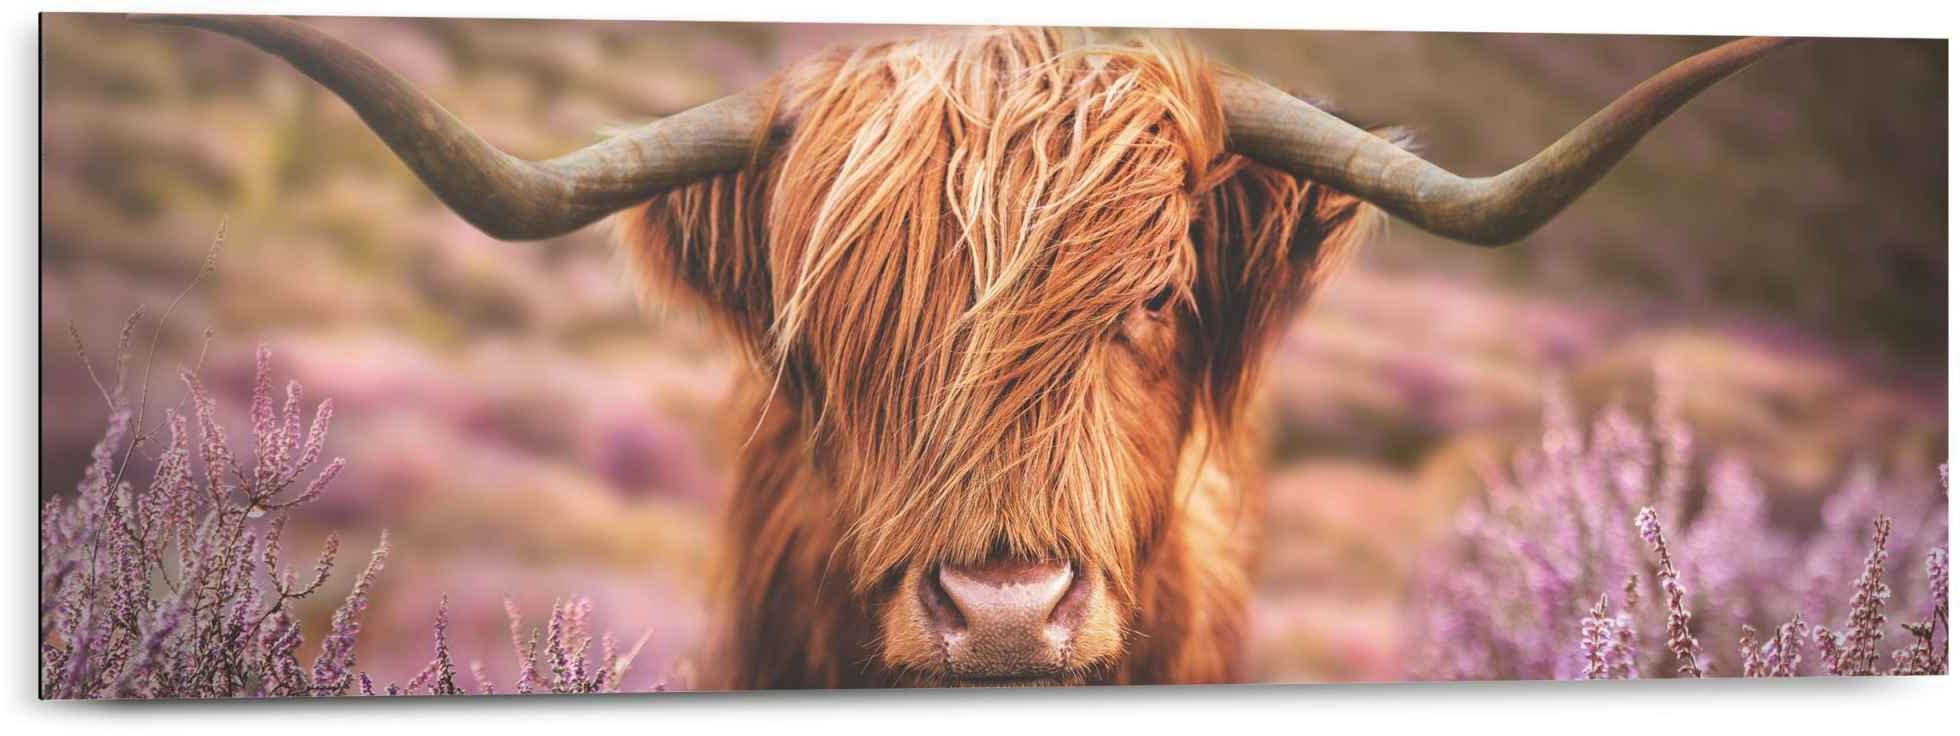 Reinders! artprint Schotse hooglander (1 stuk) bestellen: 30 dagen bedenktijd